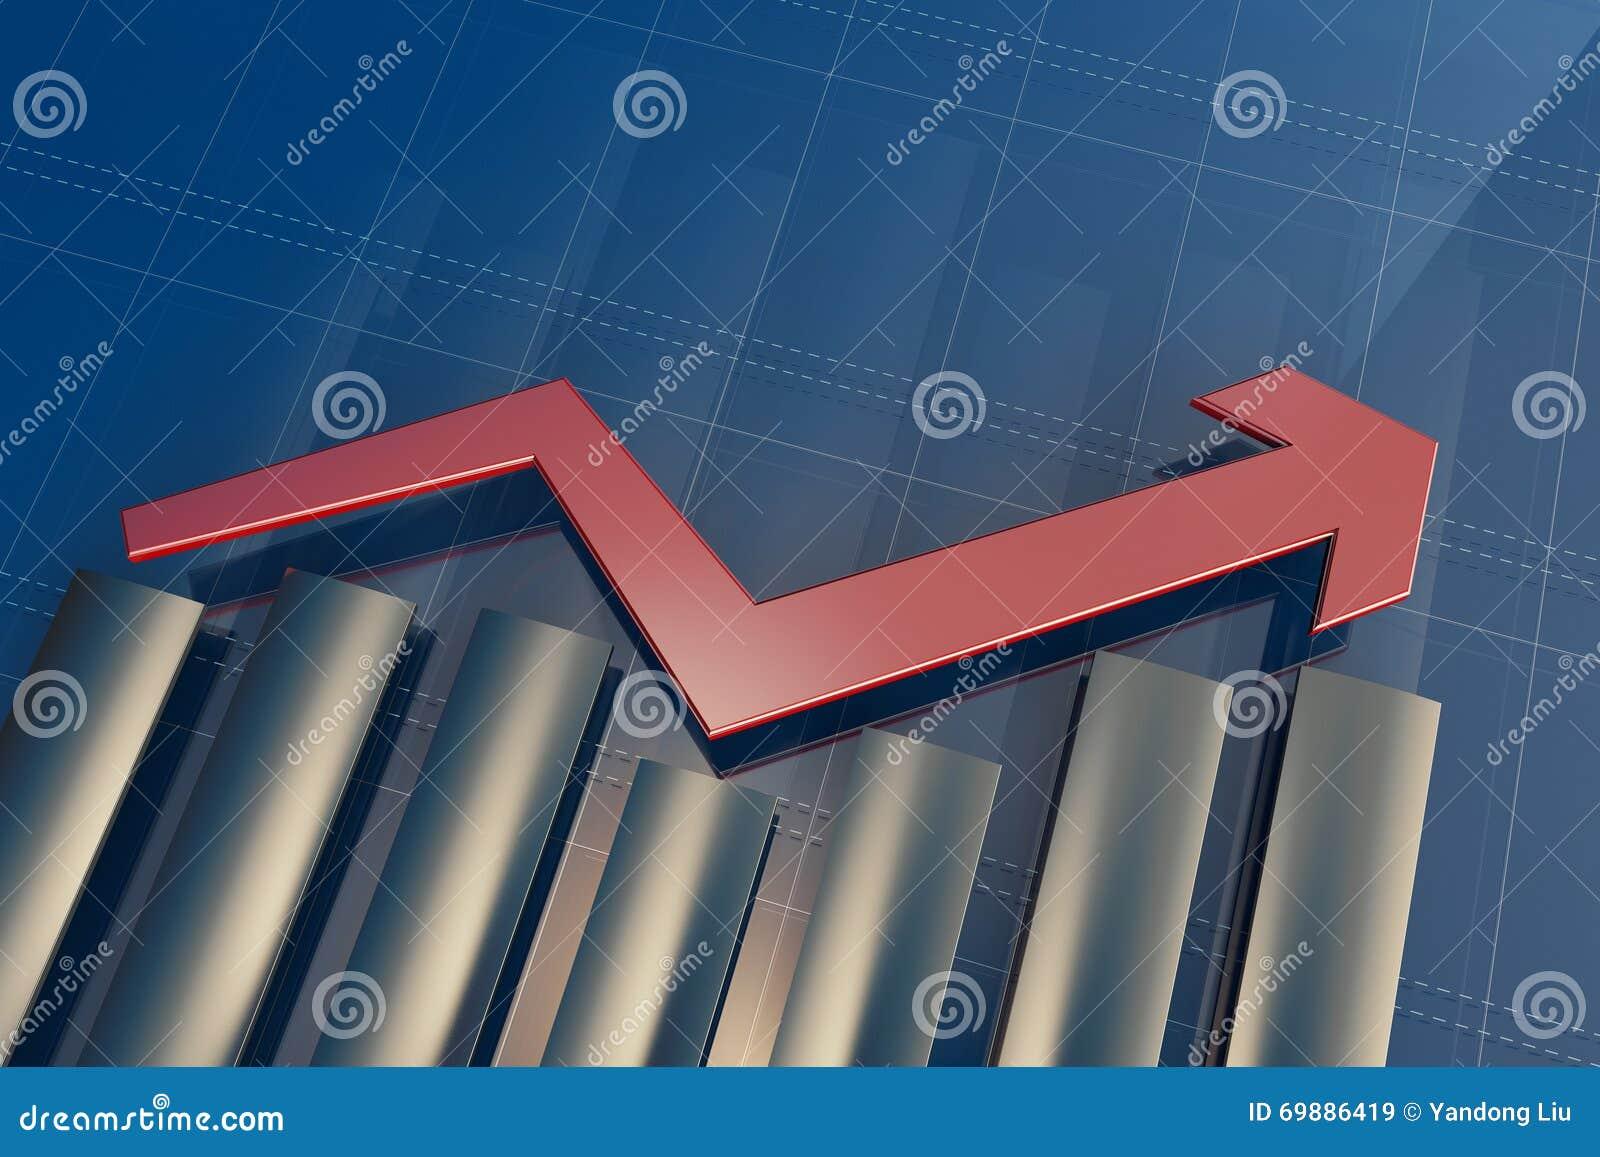 Los indicadores económicos y se mueven adelante con la flecha